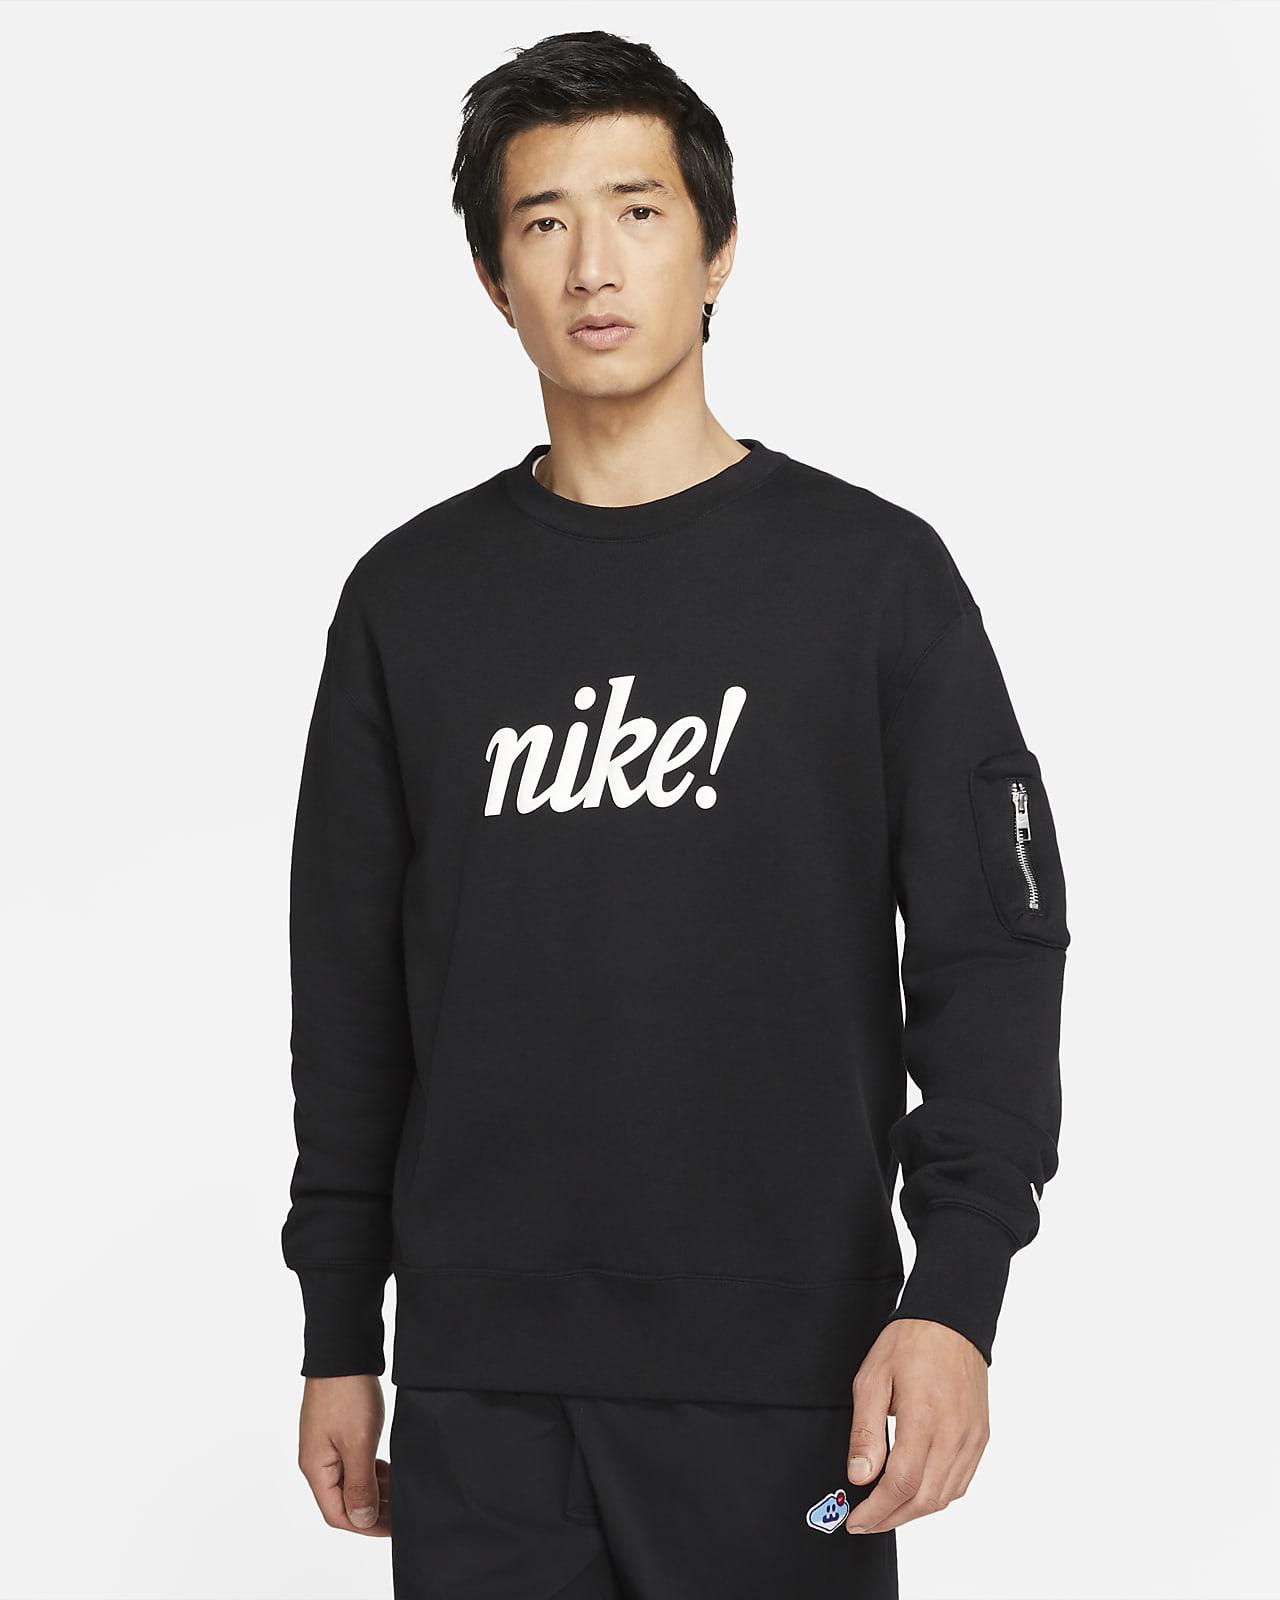 เสื้อคอกลมผ้าเฟรนช์เทรีผู้ชาย Nike Sportswear